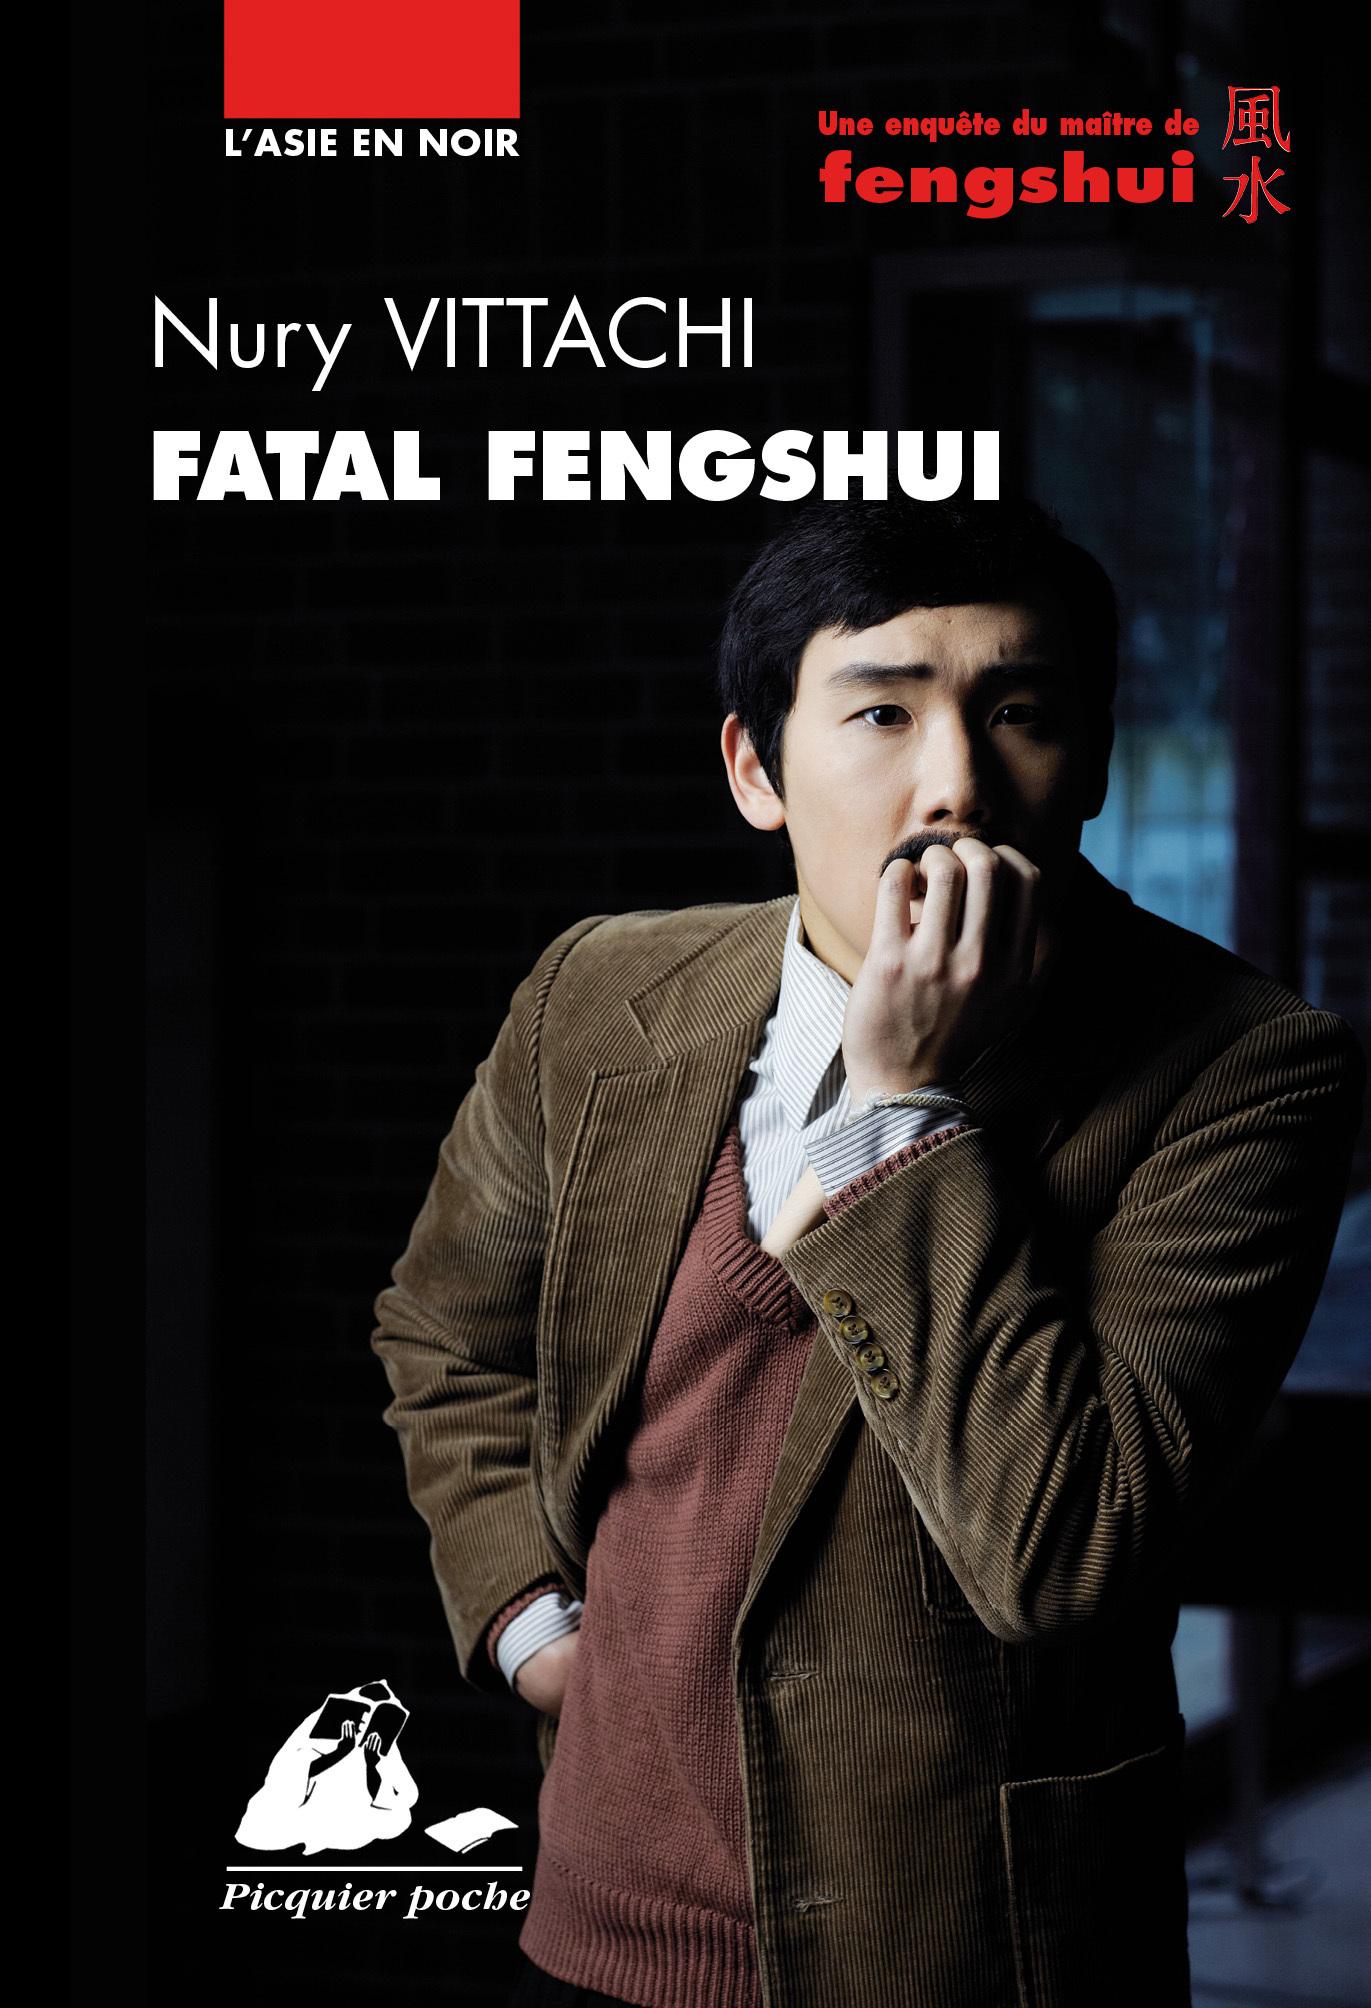 FATAL FENGSHUI